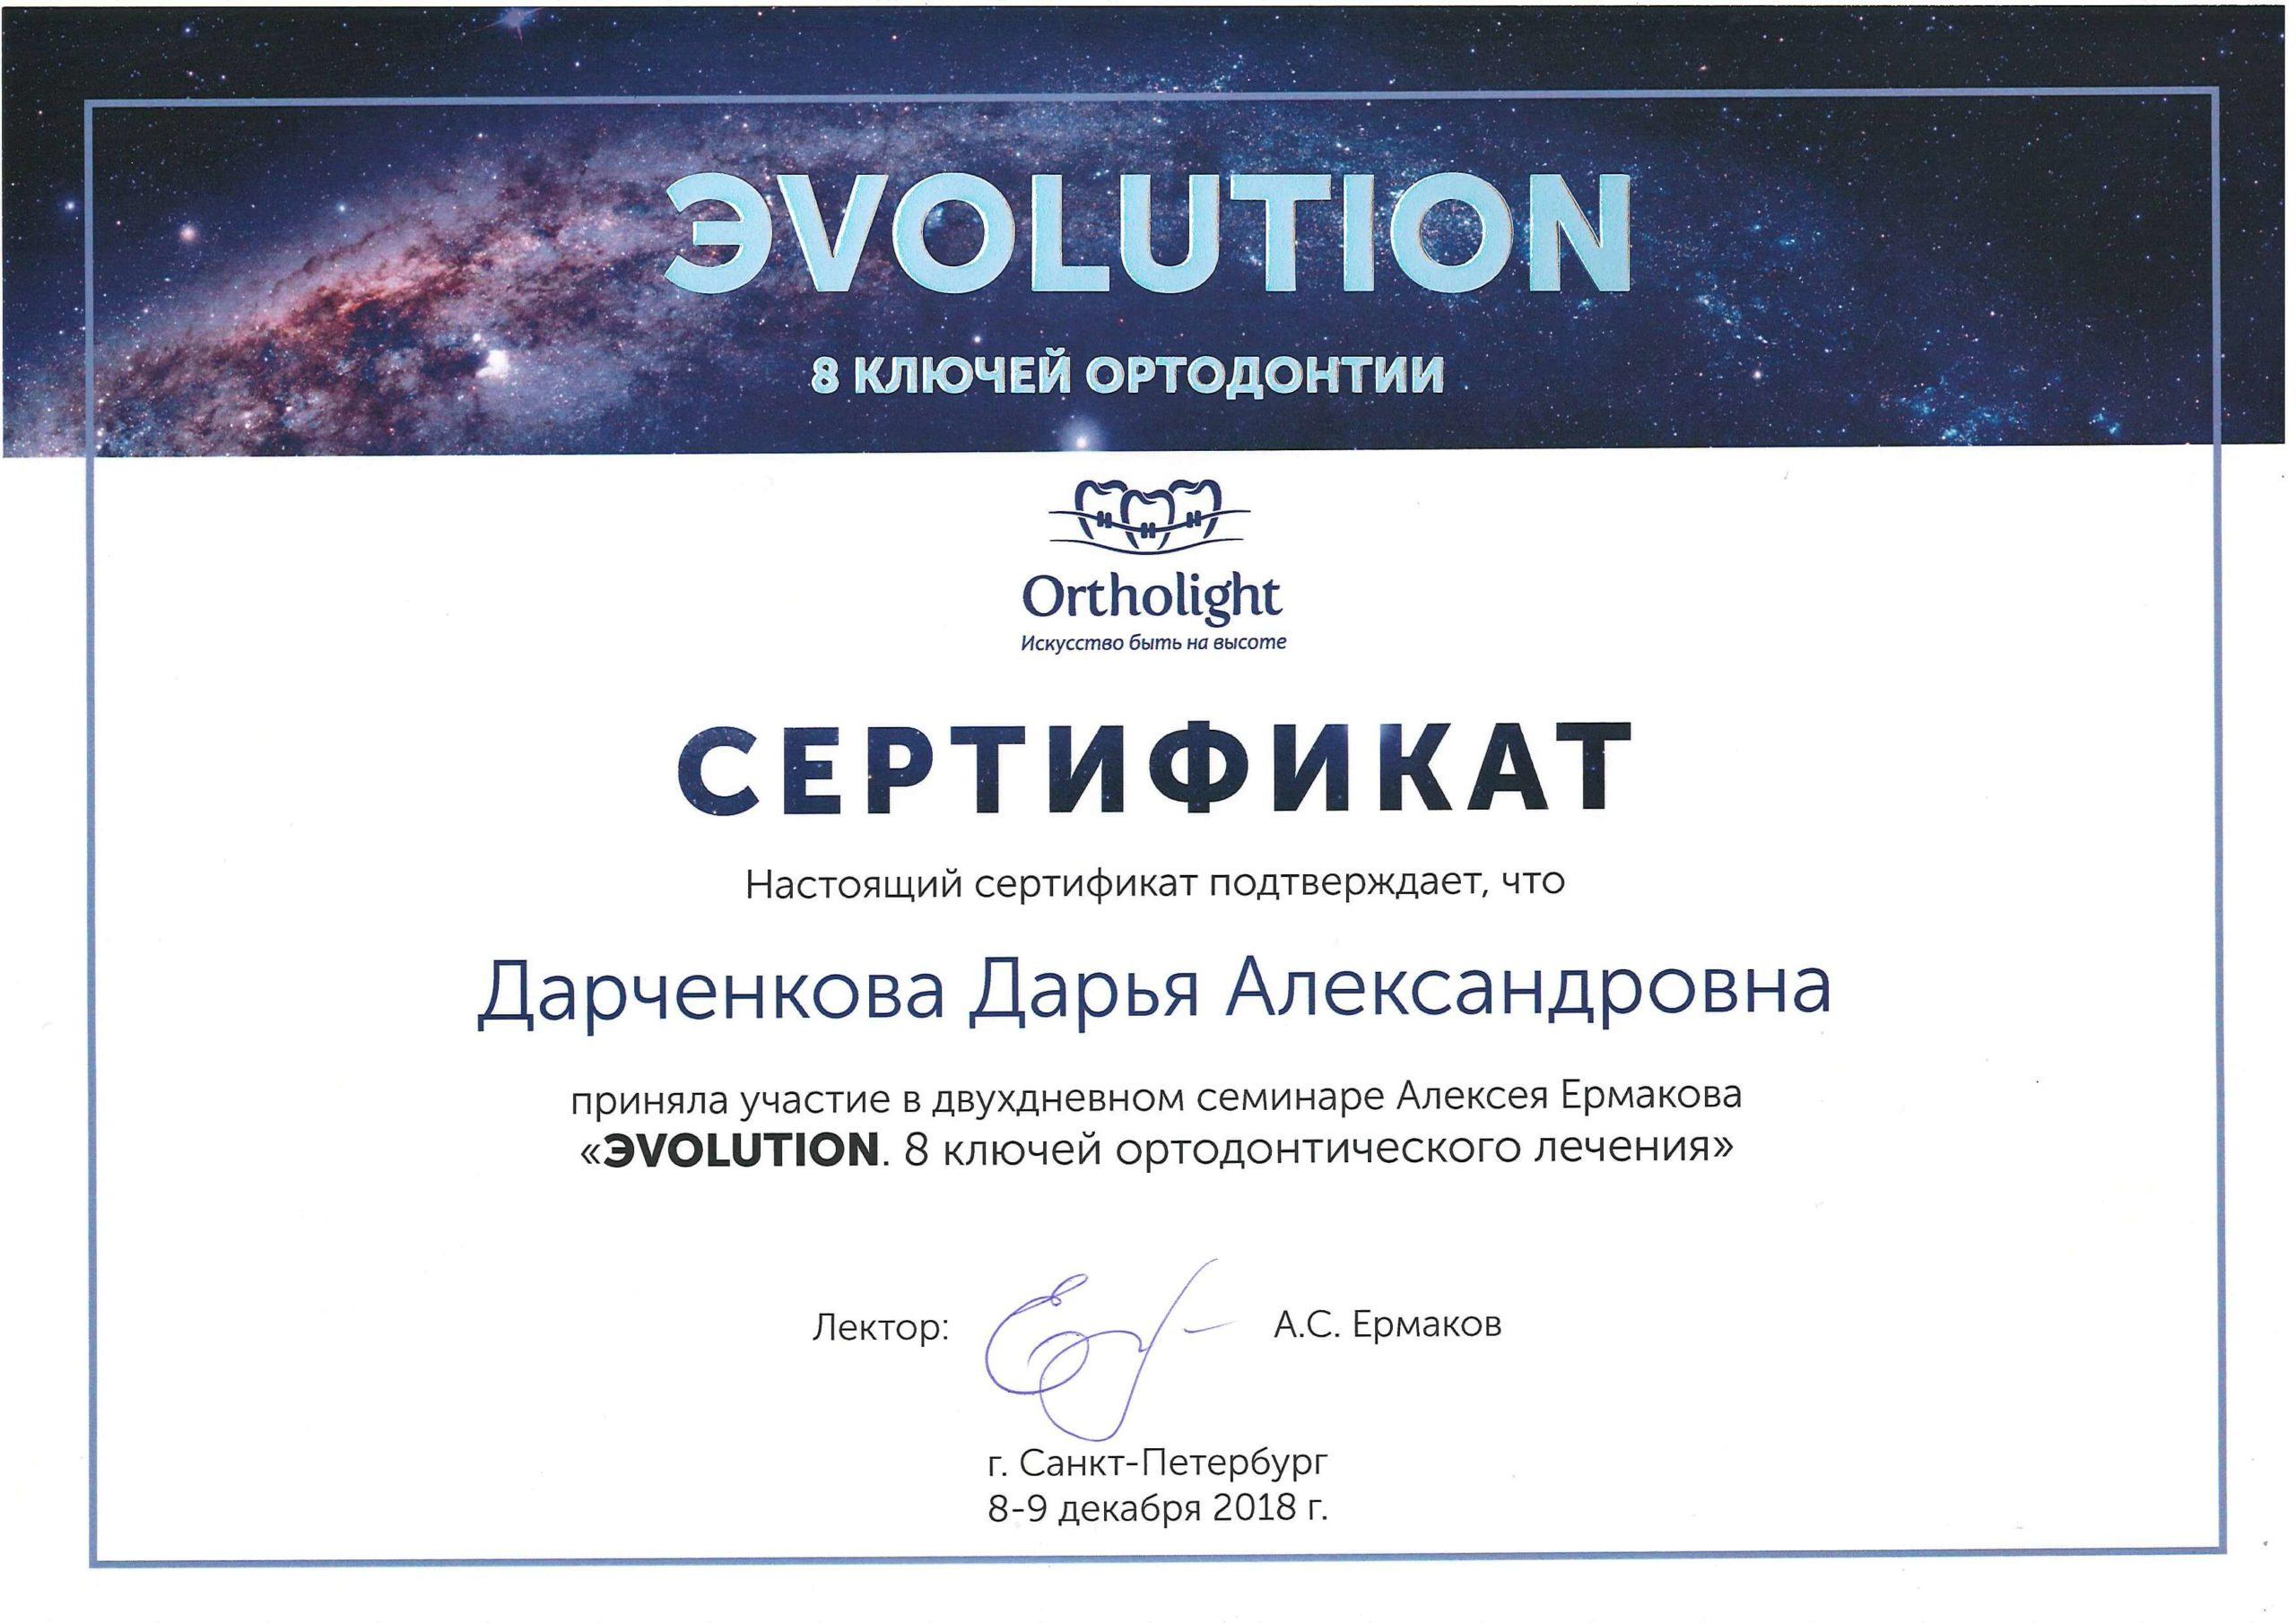 сертификат стоматолога Дарченкова декабрь 2018